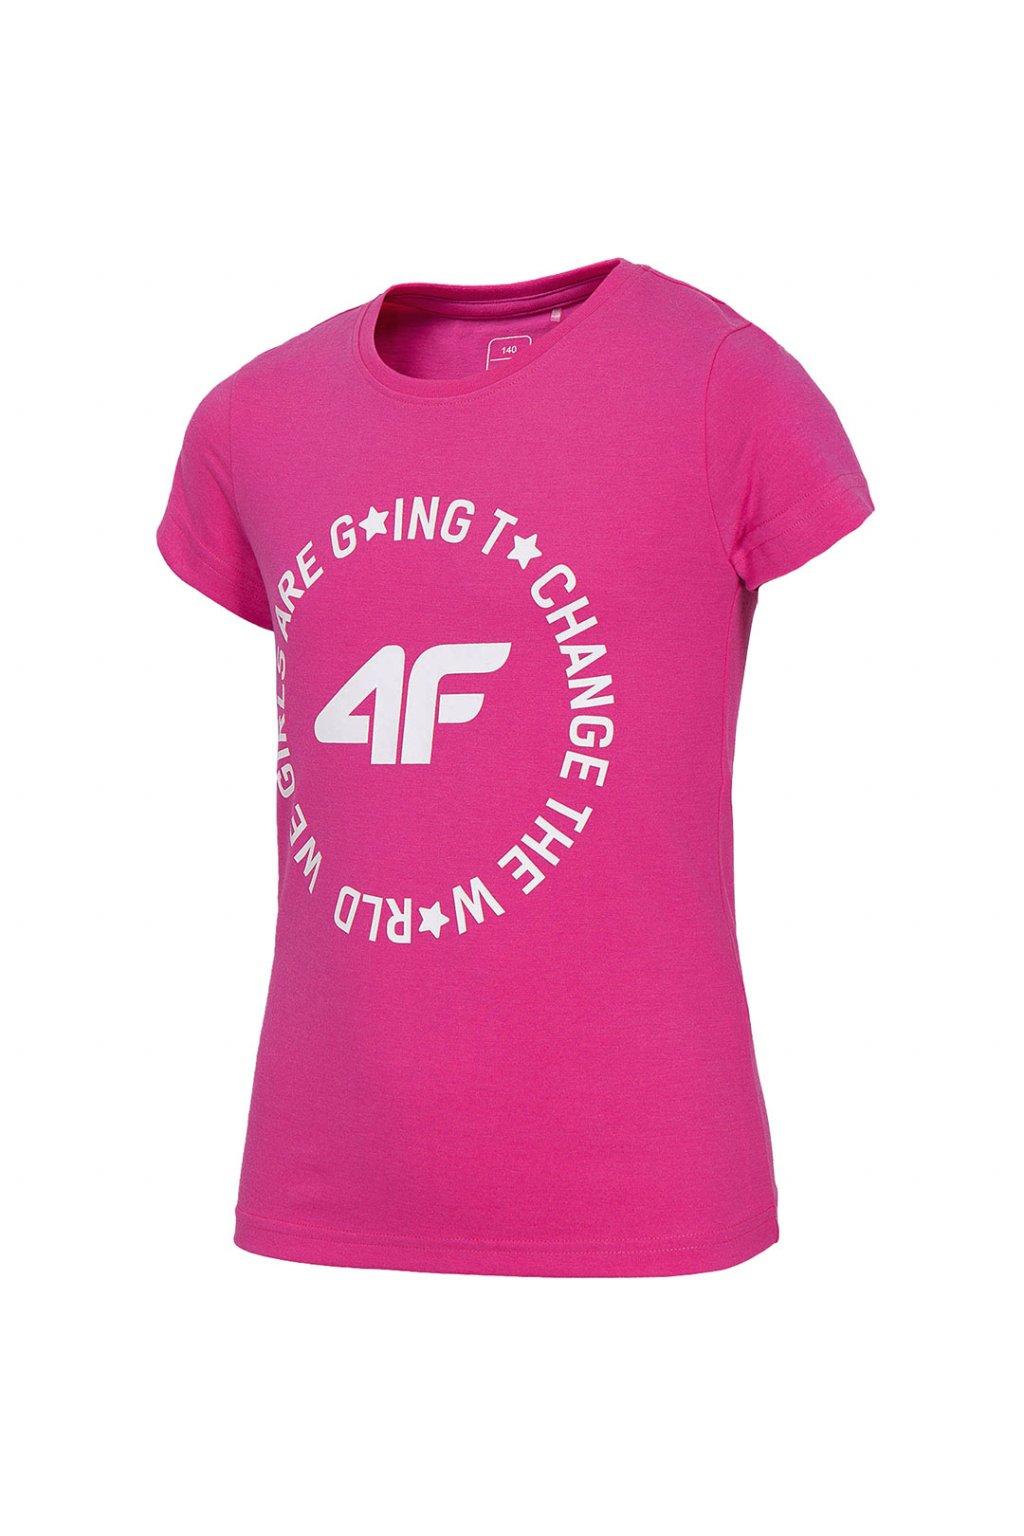 Dievčenské tričko 4F fuksia HJL20 JTSD013 55S